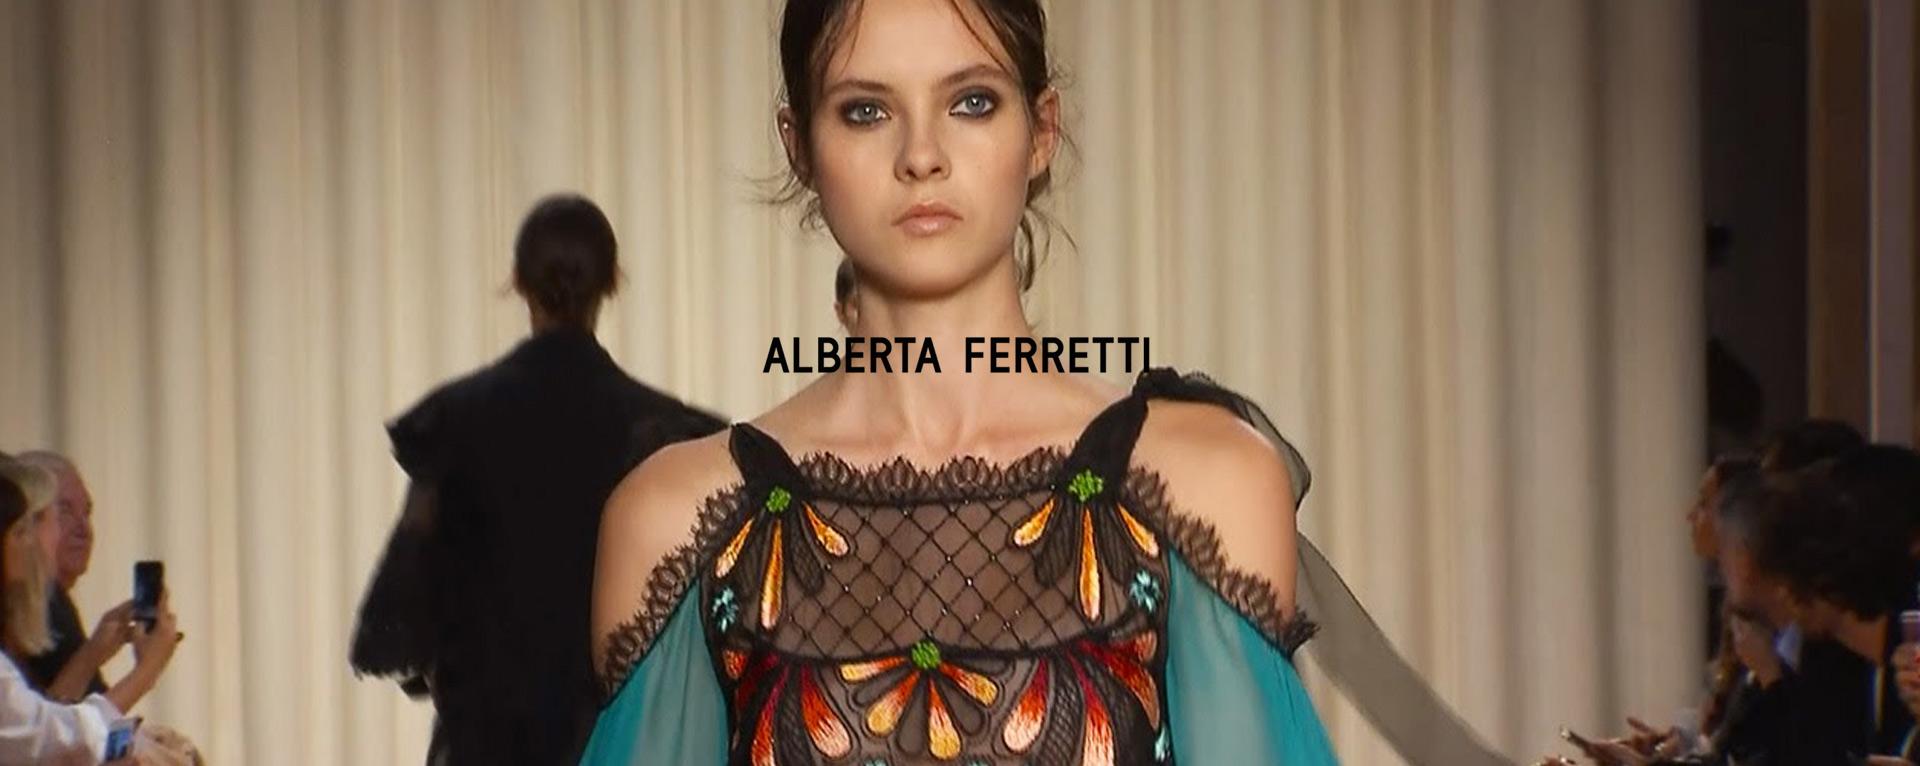 super popular 823a1 e9845 ALBERTA FERRETTI - Abbigliamento e accessori ALBERTA FERRETTI